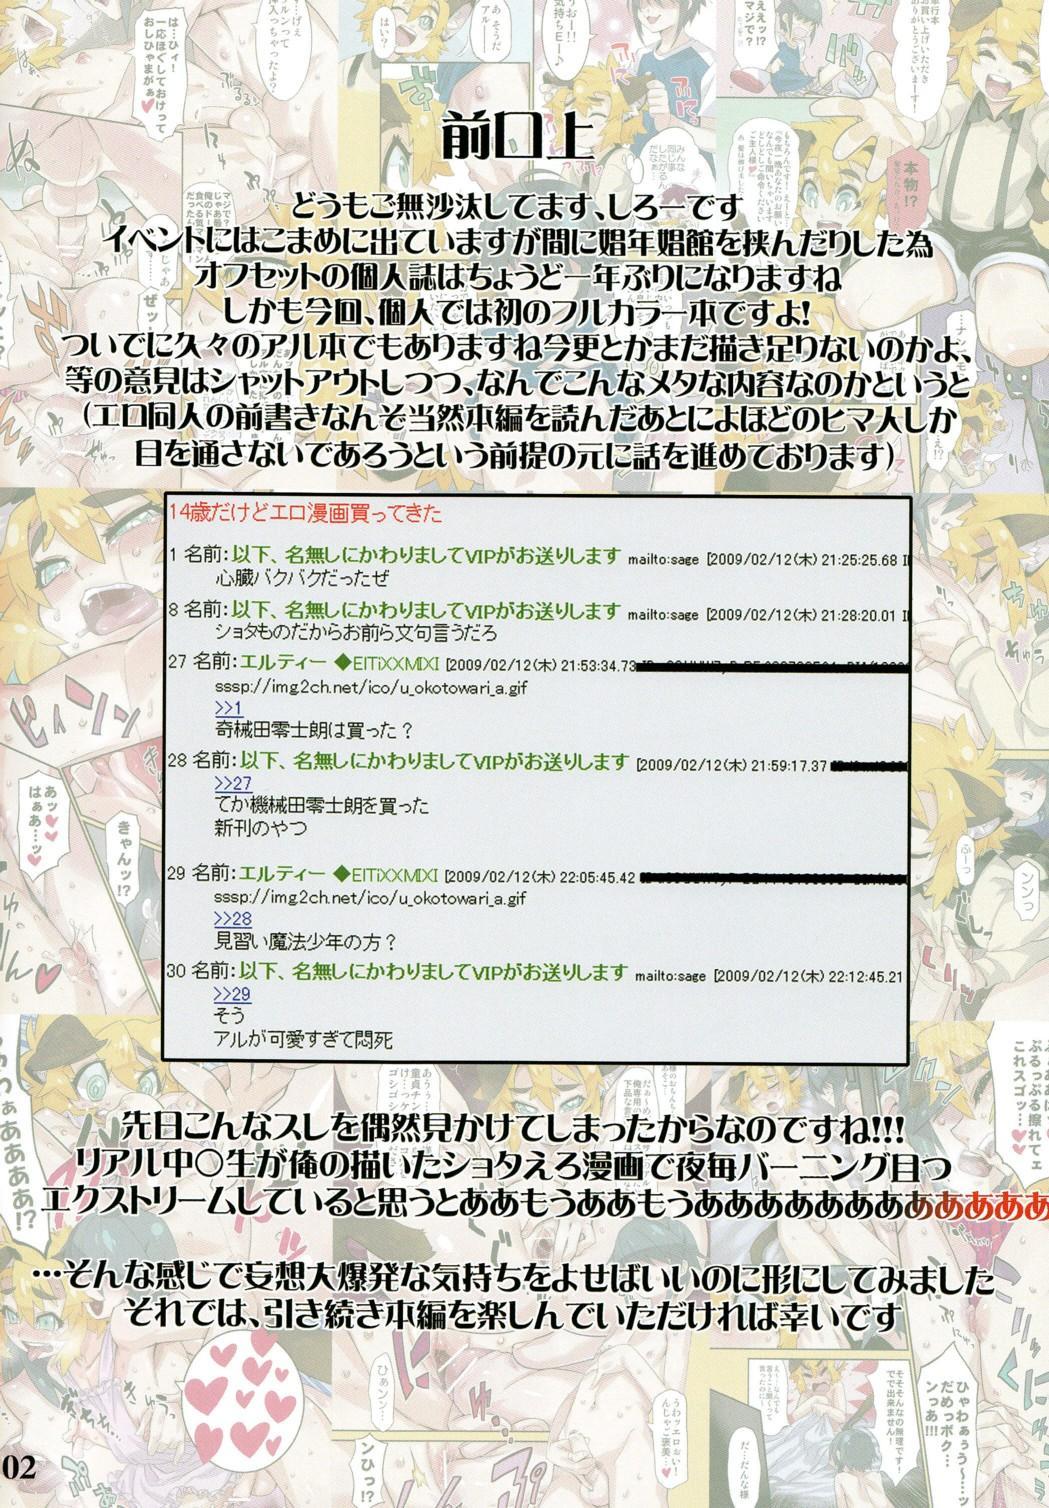 Moshimo 「Toaru Minarai~」 o Katta 1x-Sai no Tokoro ni Aru ga Kitara 2